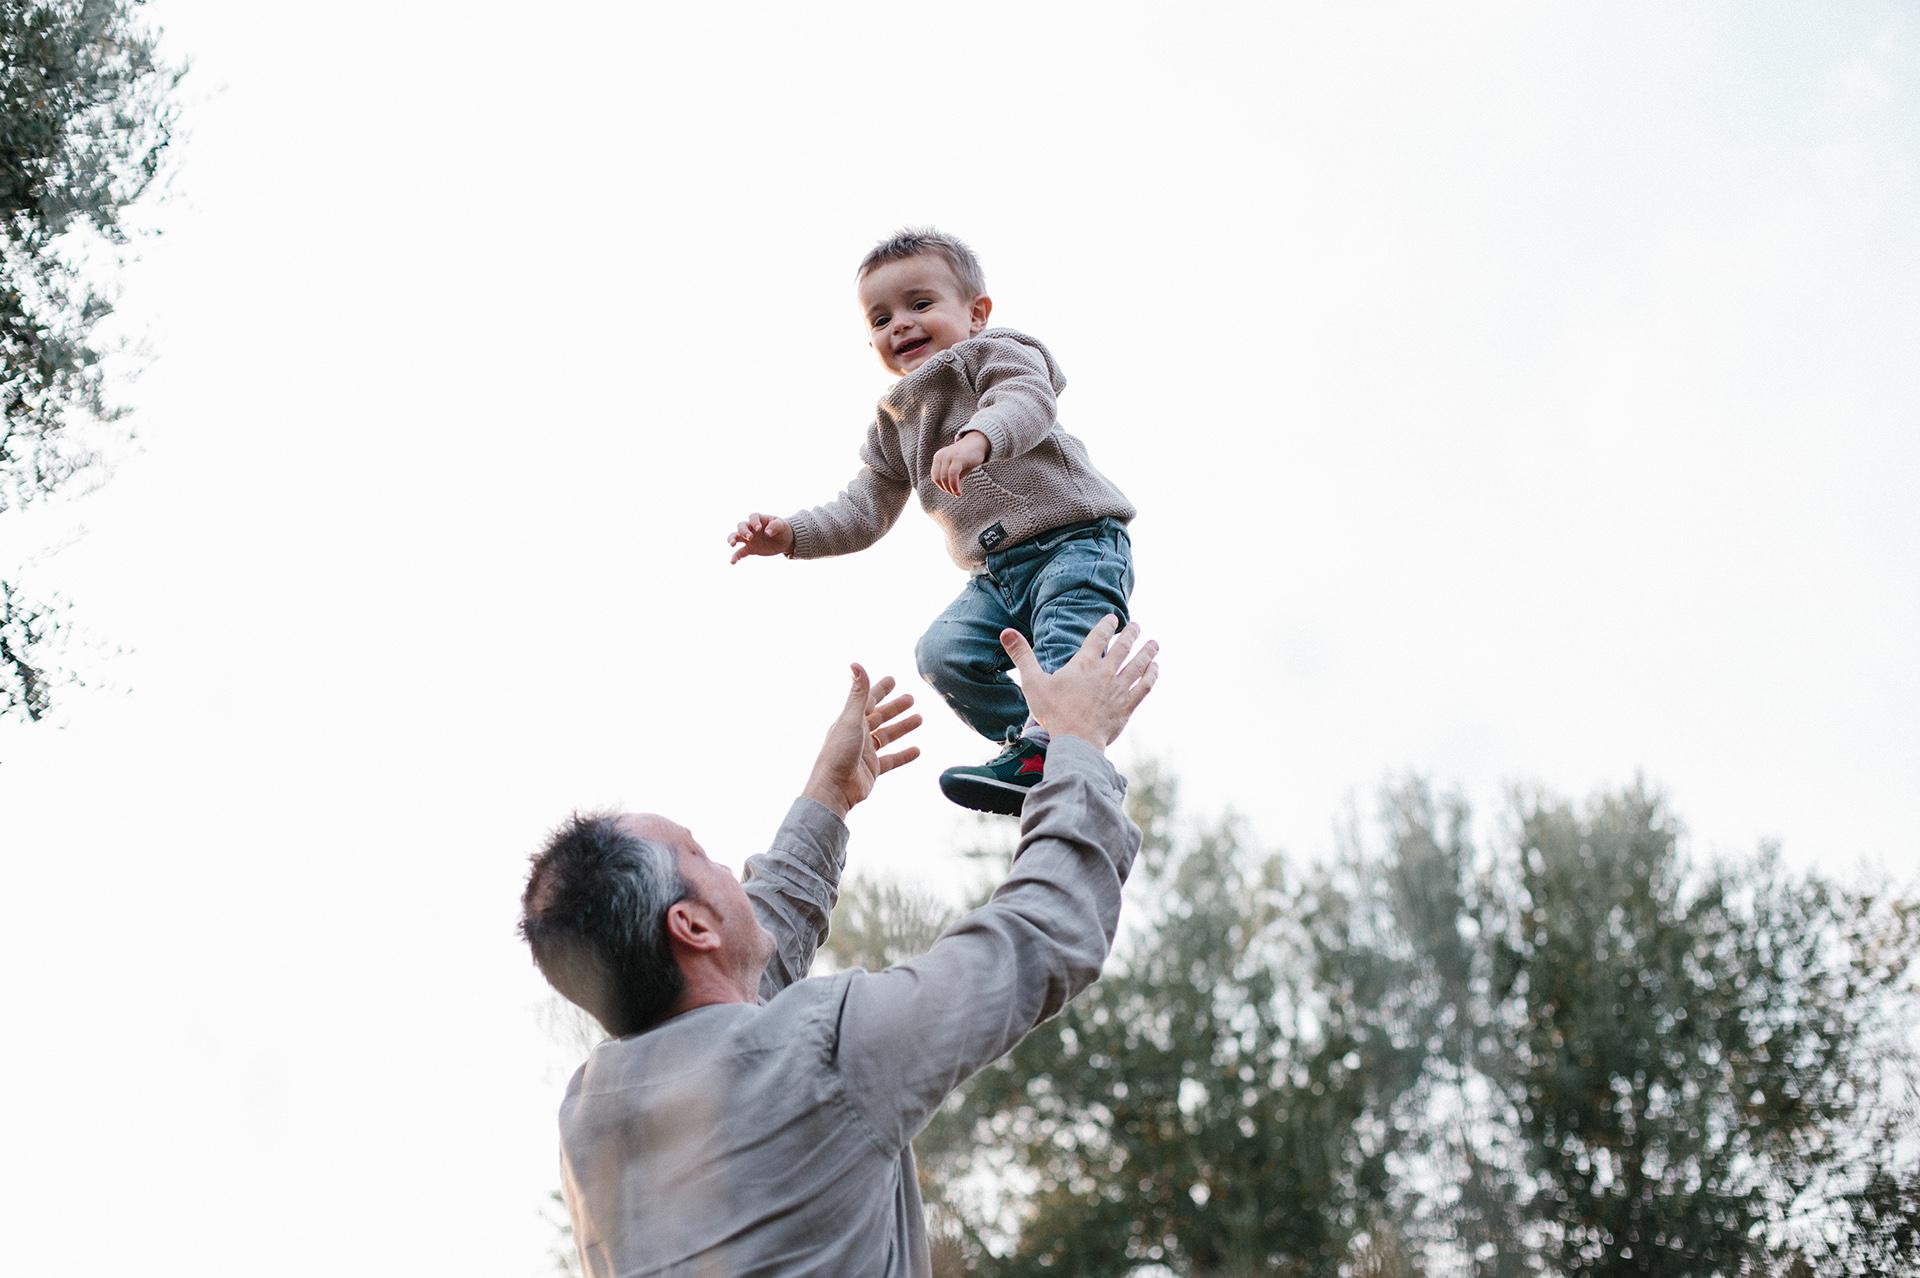 papà lancia in aria il figlio piccolo